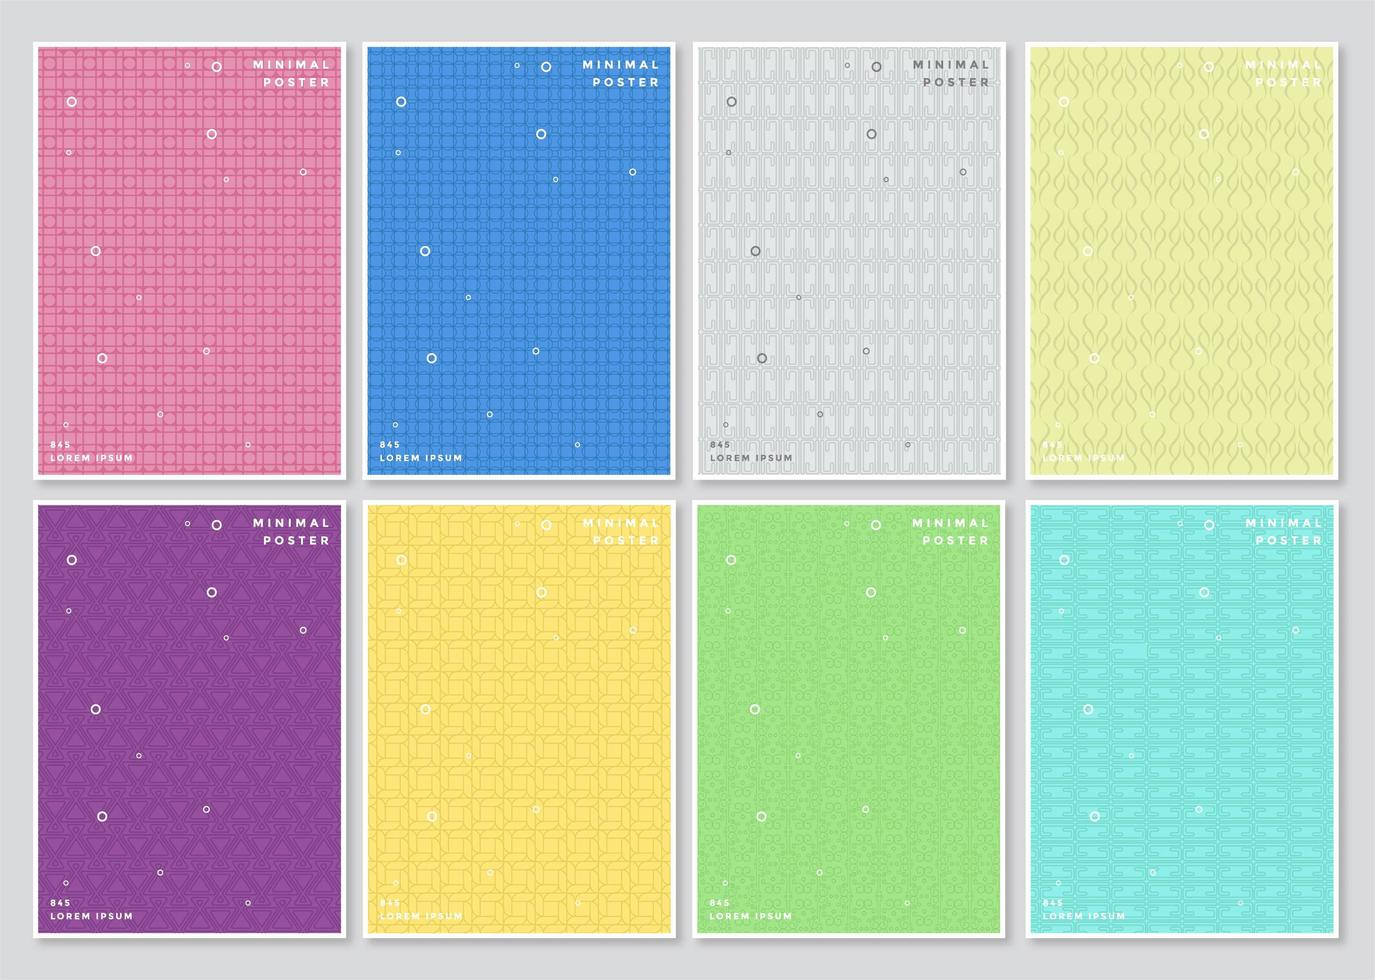 ensemble de motifs de couverture minimale colorés et légers vecteur